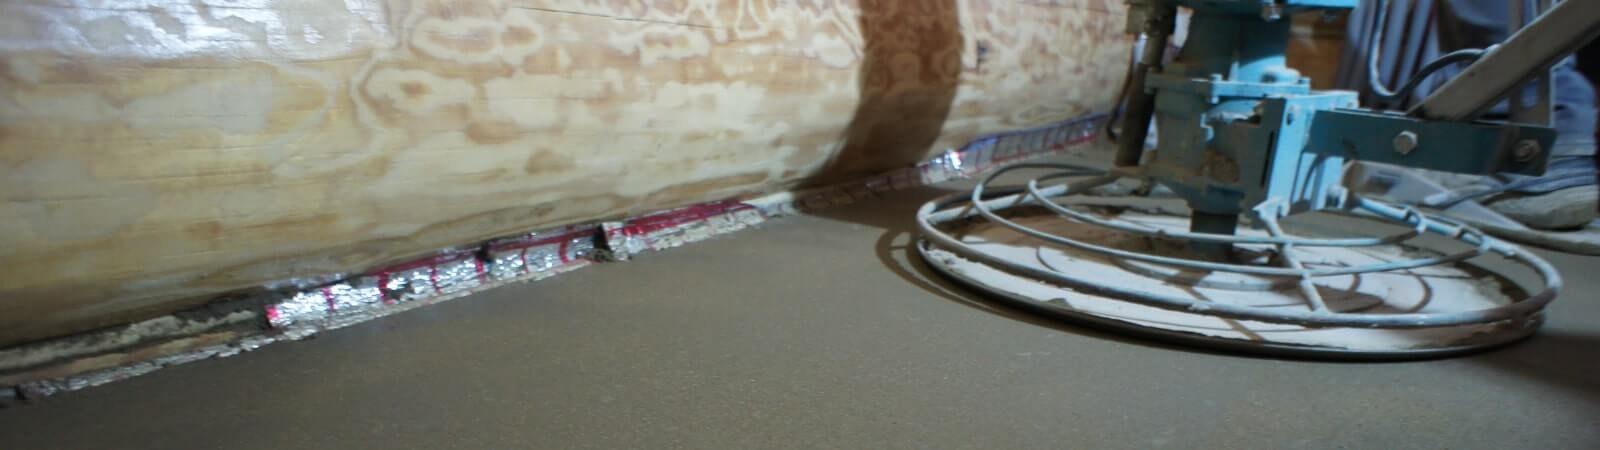 Як зробити стяжку під плитку